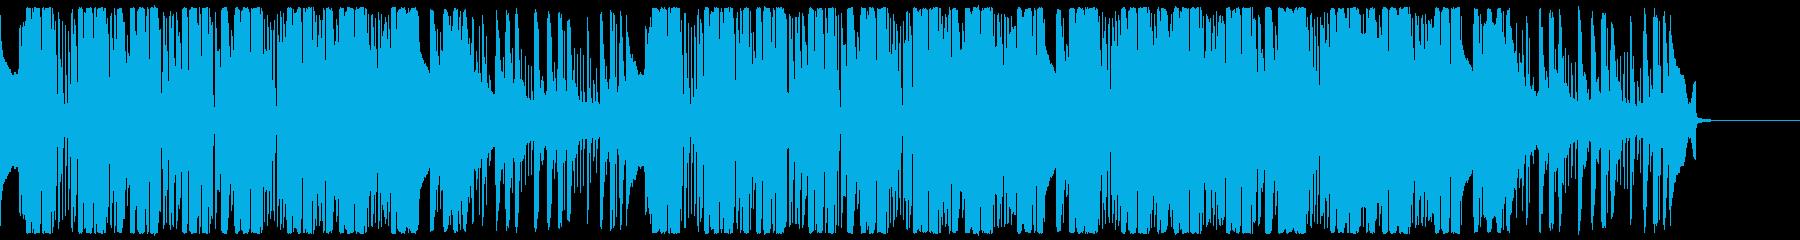 カラフルでモダンなアーバンエレクトロの再生済みの波形